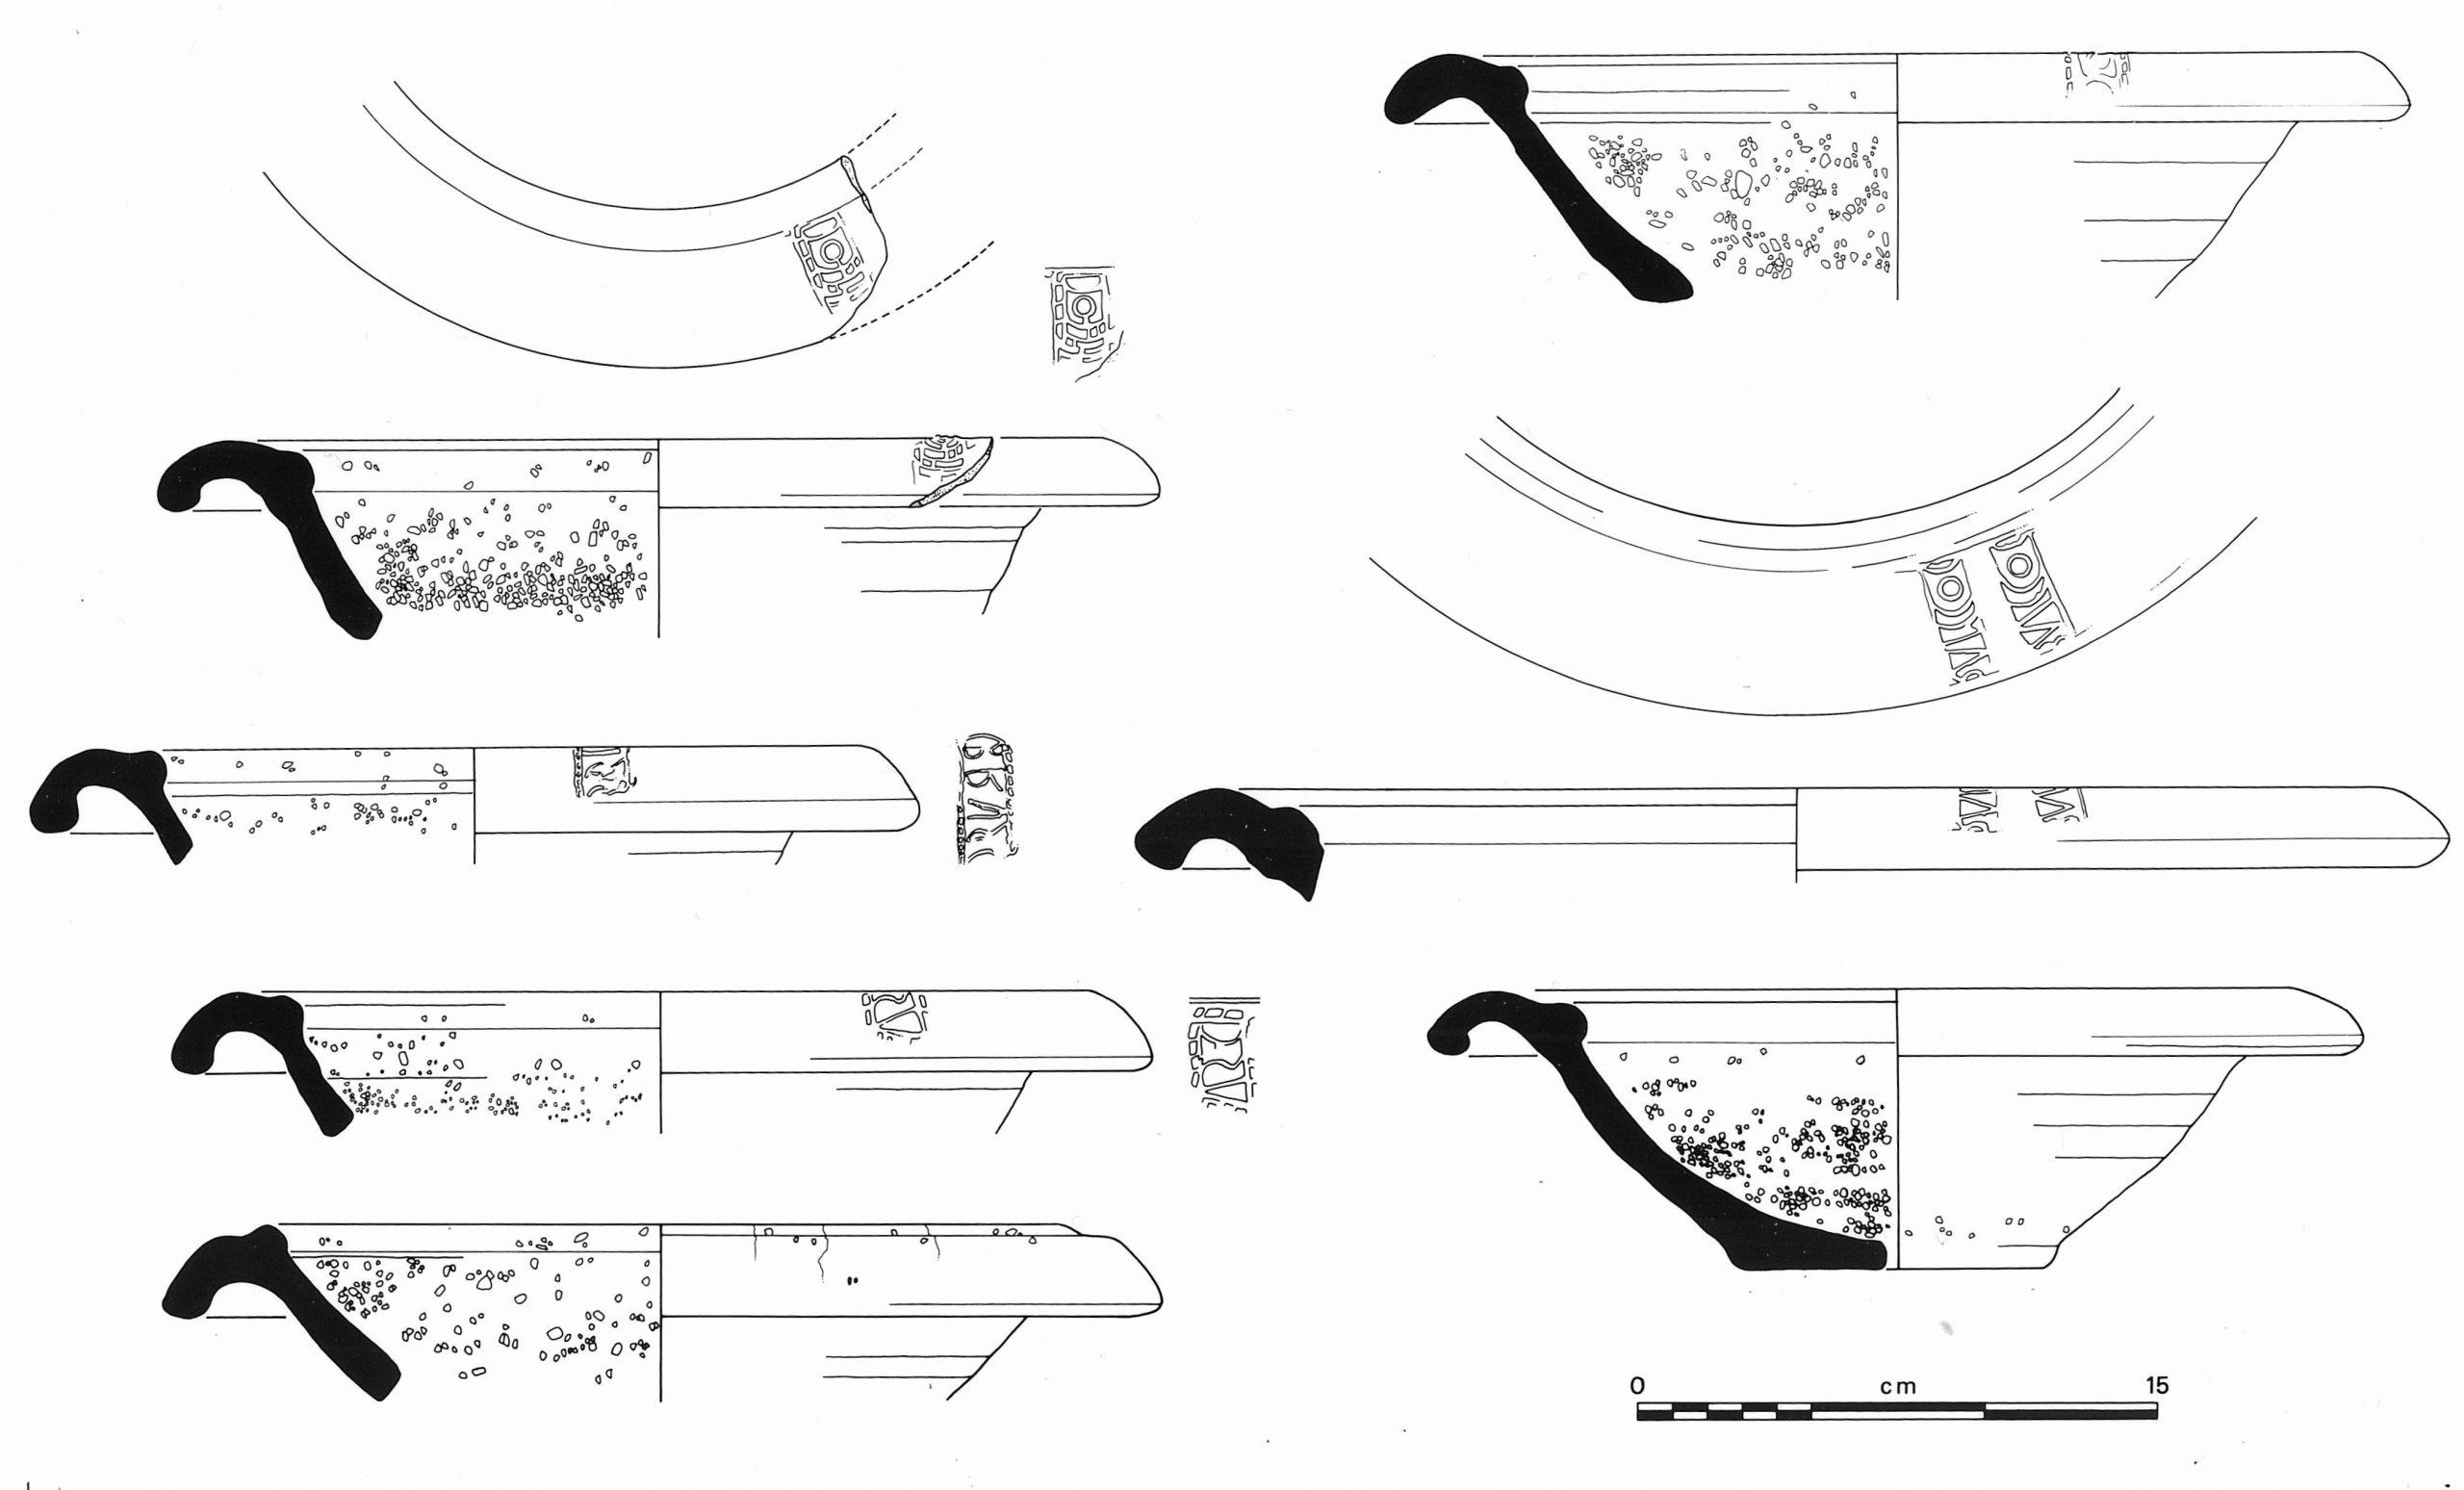 Mortaria illustrations